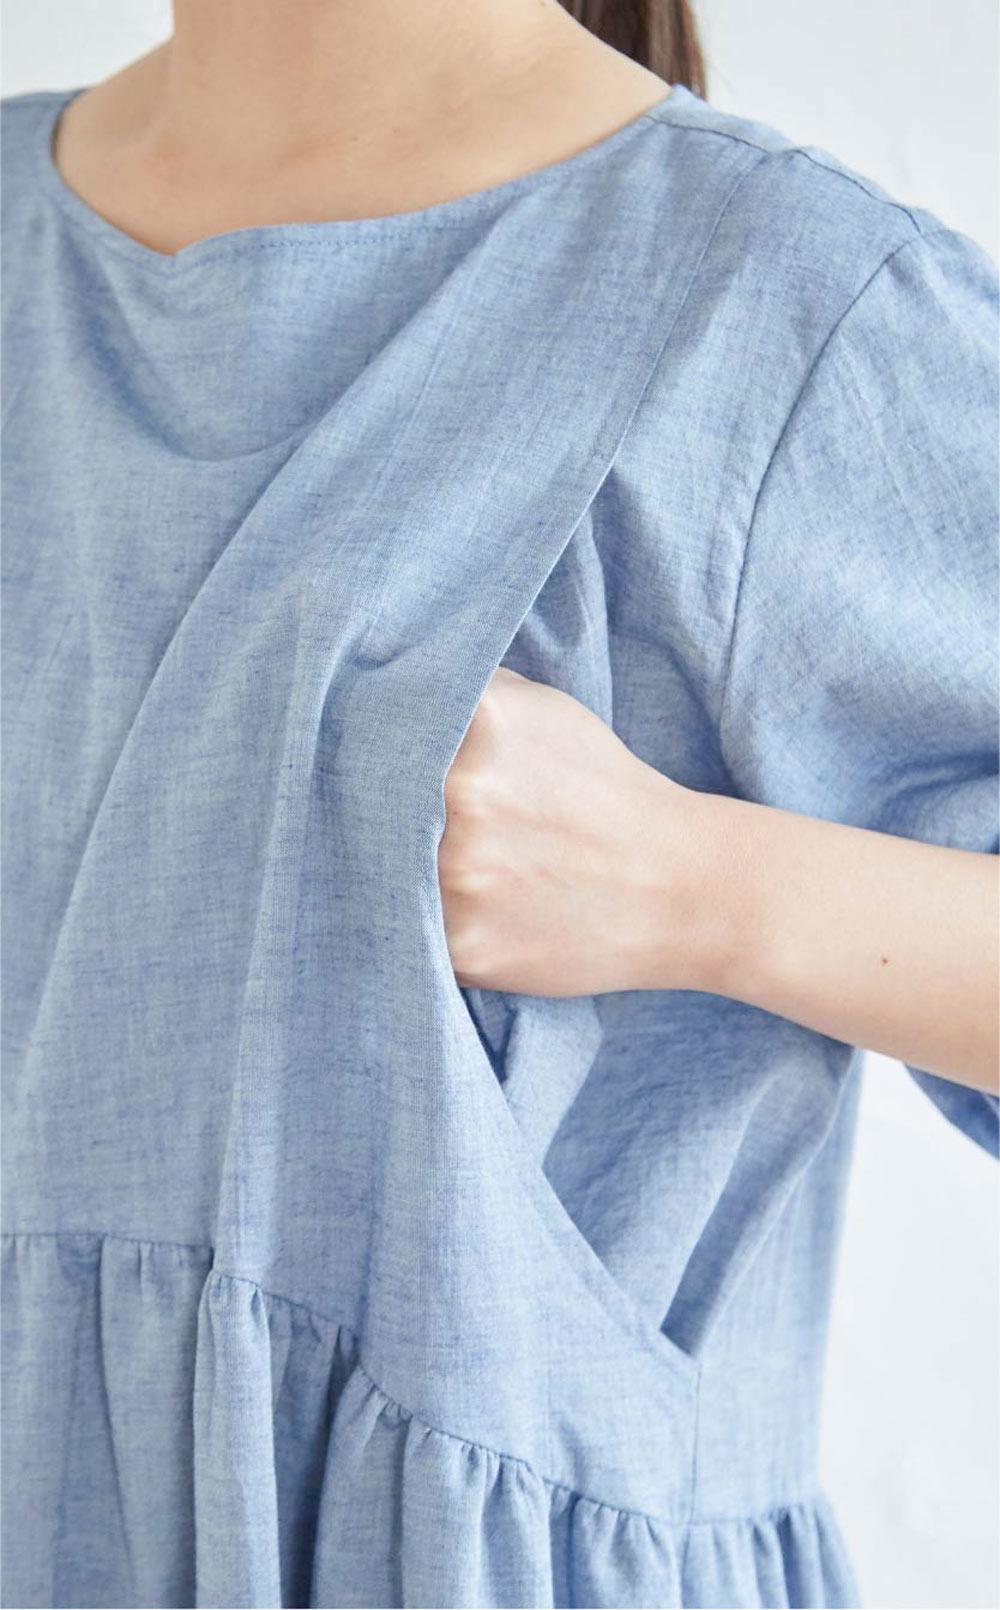 授乳服 授乳 ワンピース 半袖  サイドスリット オーガニックコットン100